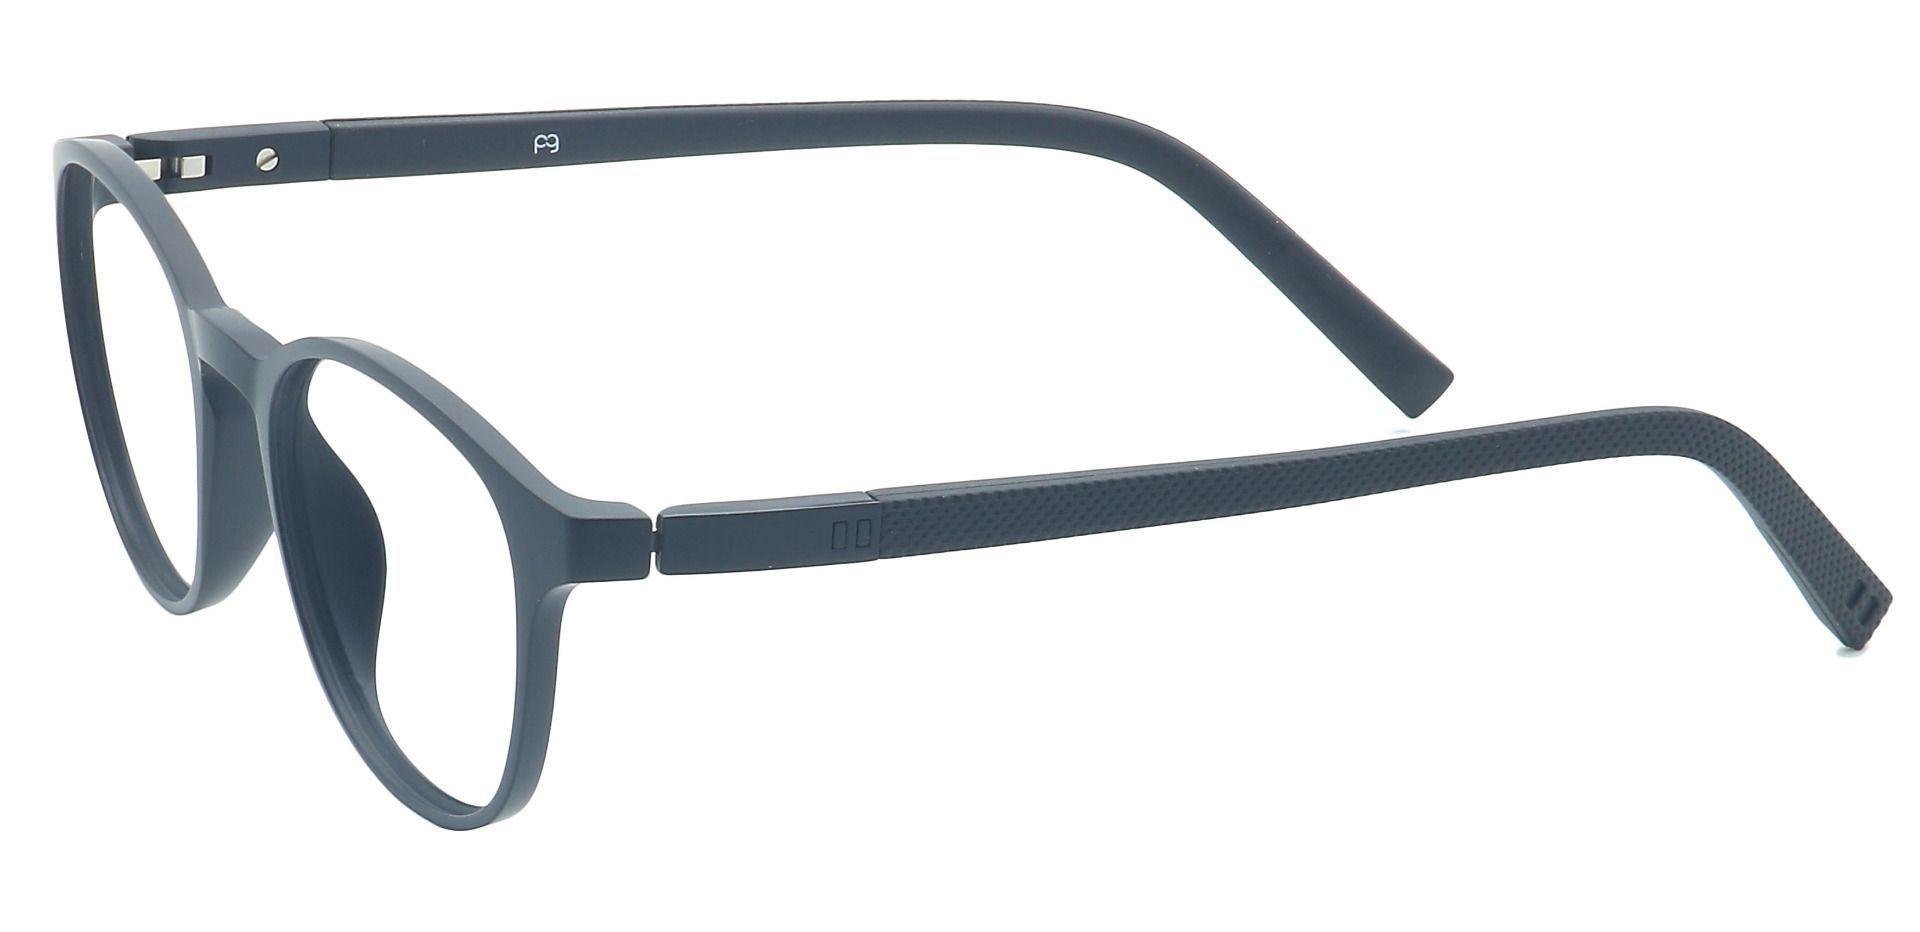 Flex Round Progressive Glasses - Gray